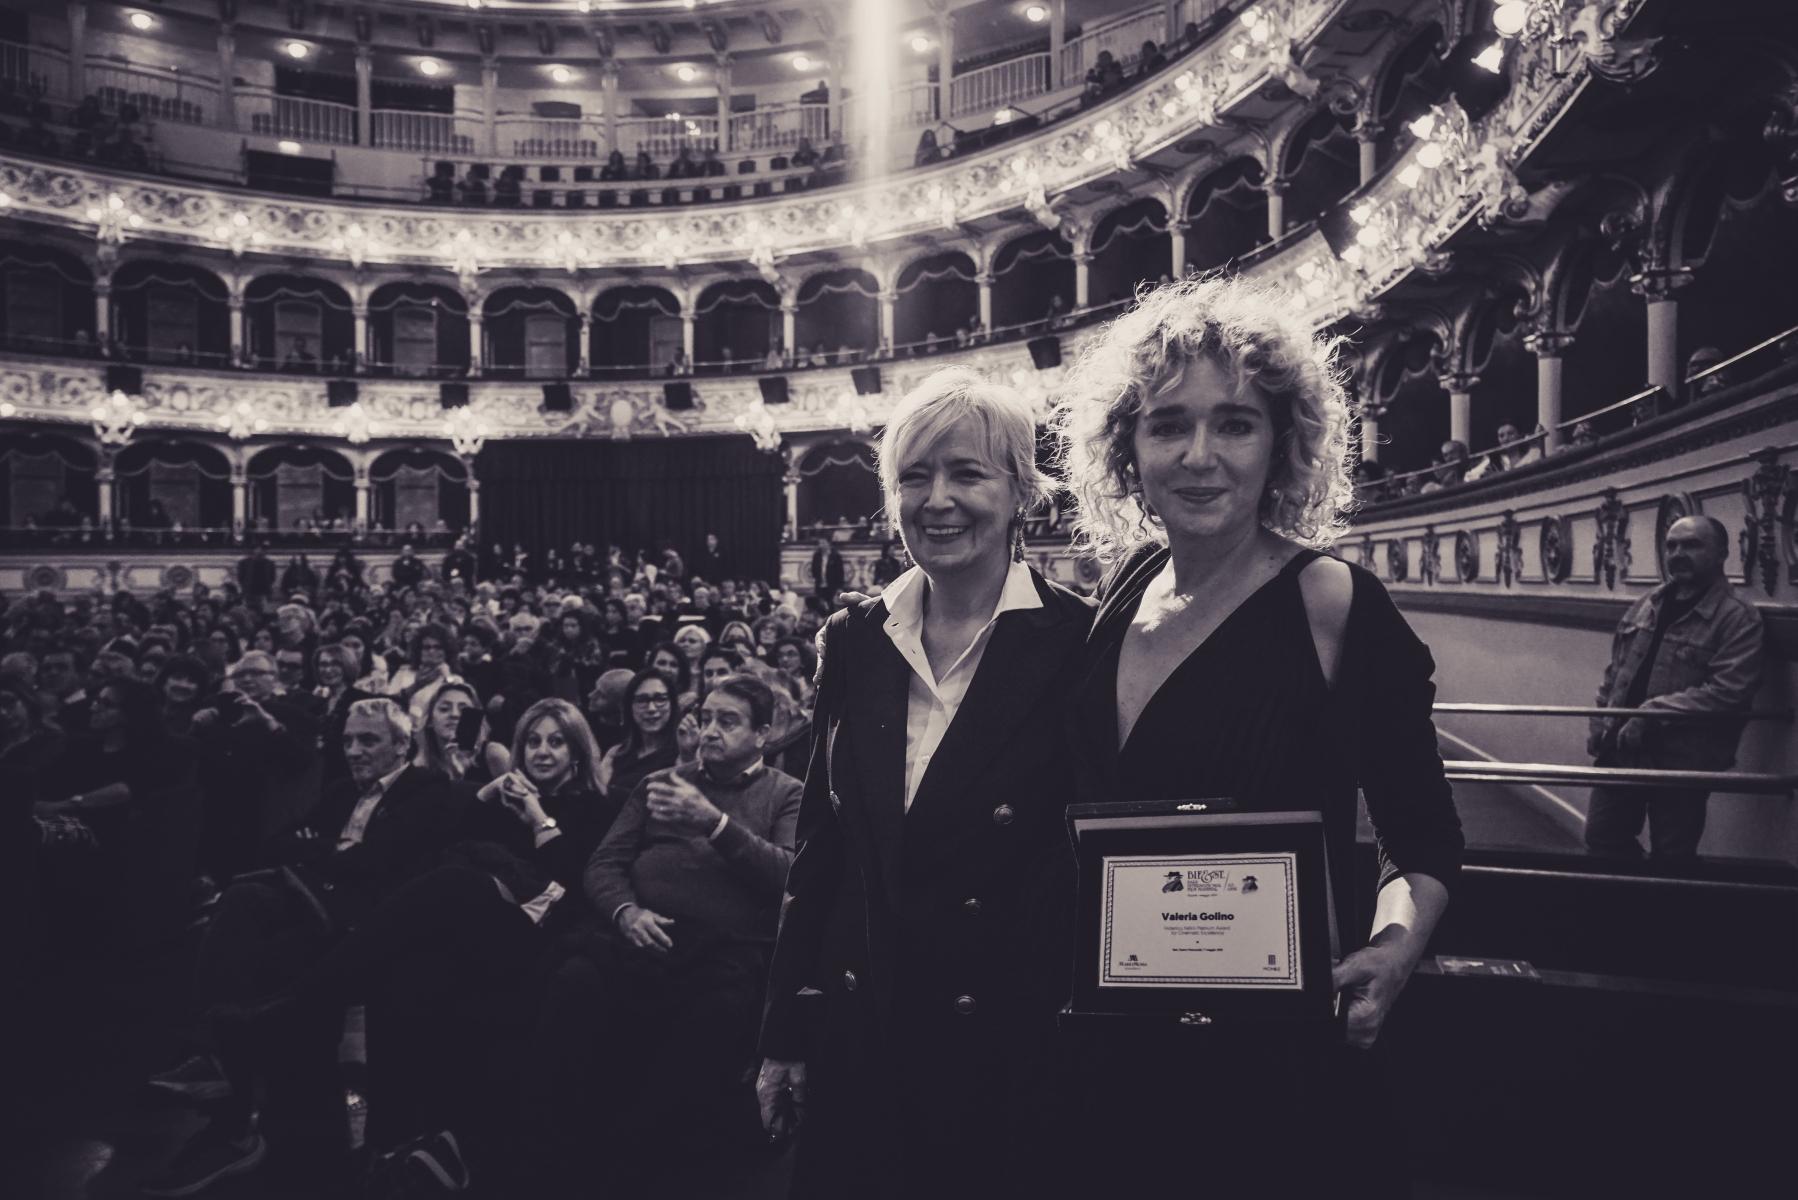 Piera Detassis, Valeria Golino